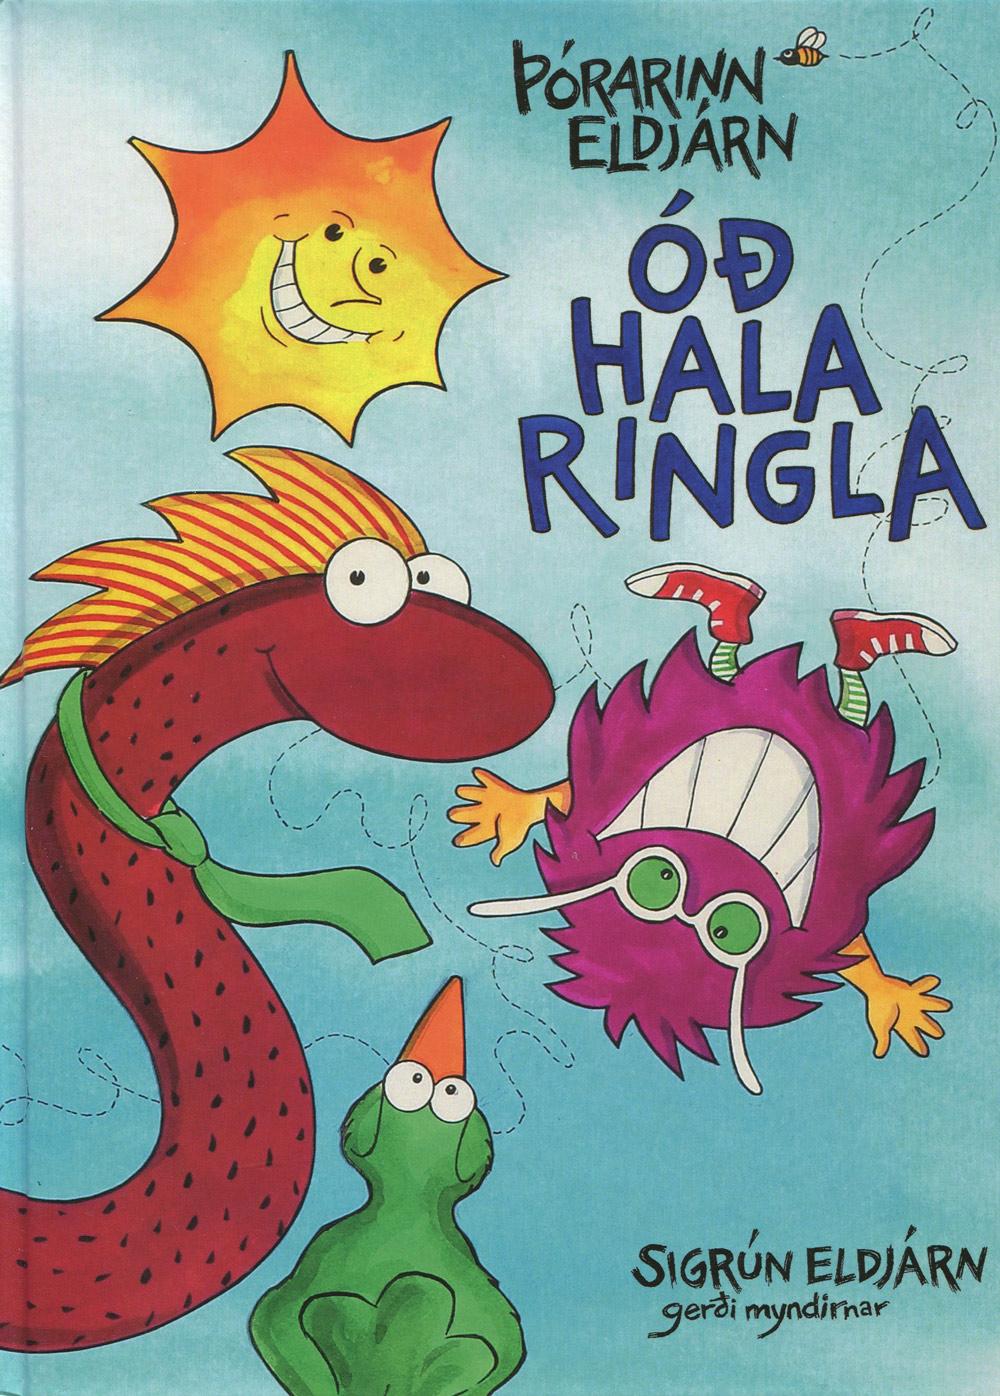 Óðhalaringla (2004) kápumynd